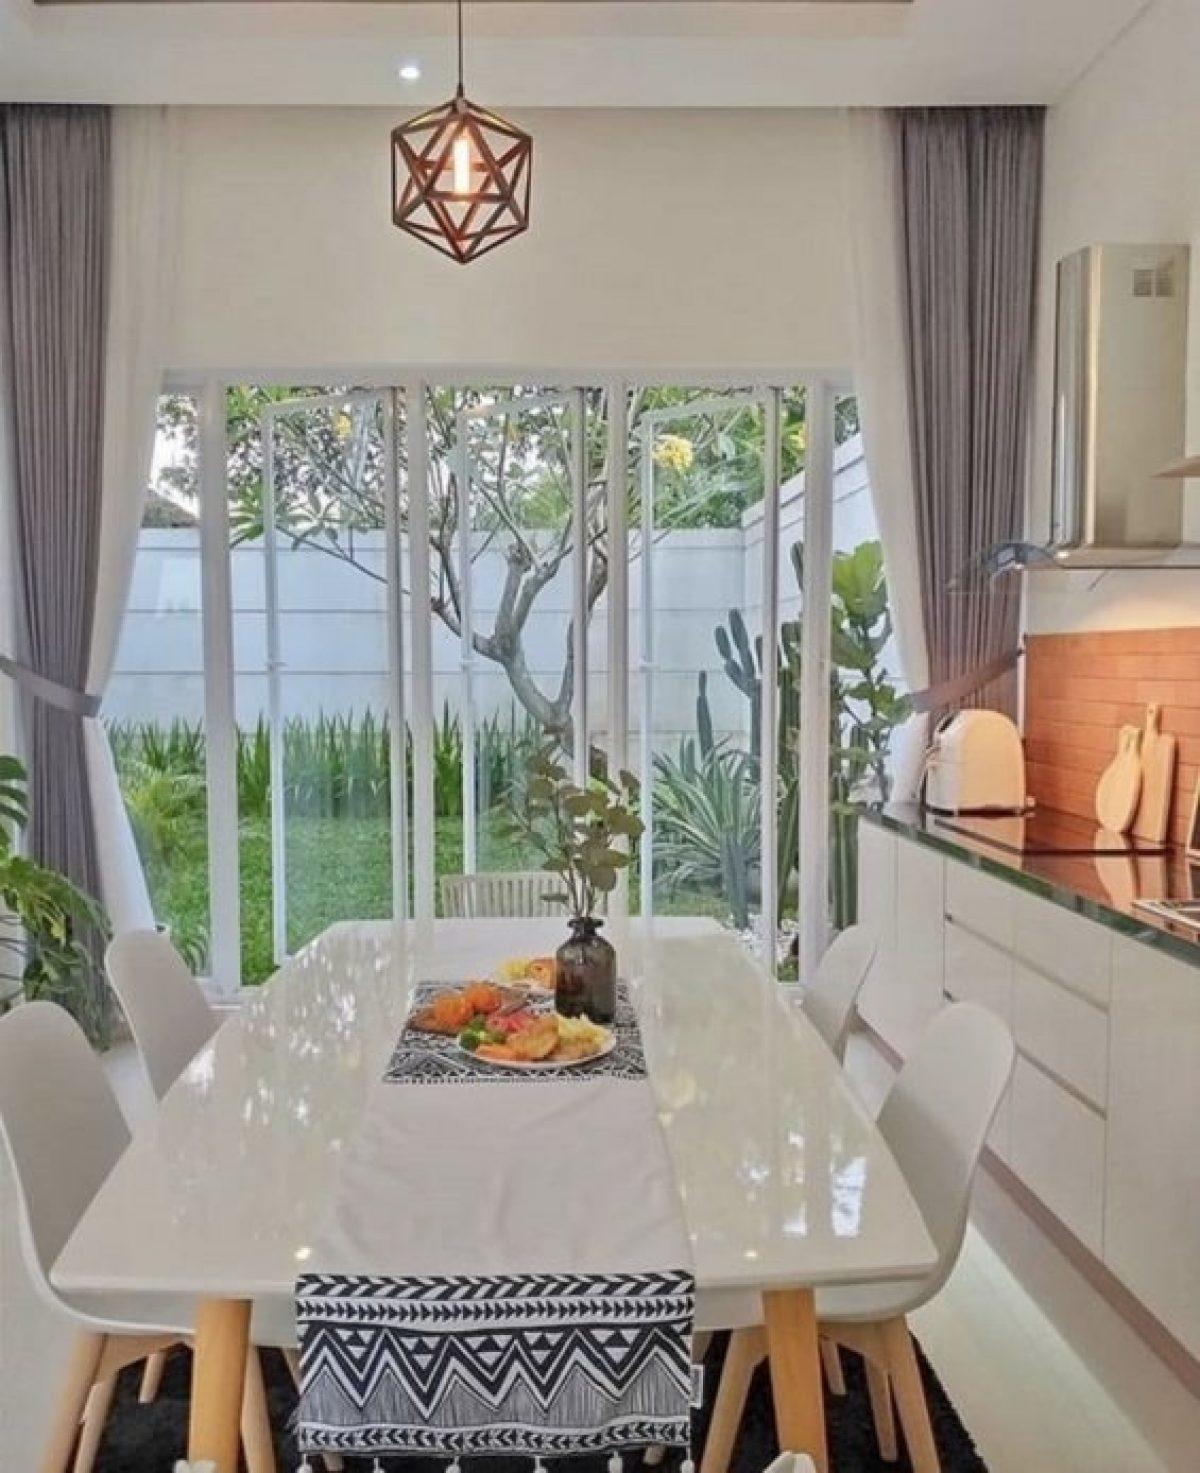 Desain Ruang Makan Minimalis Terbaik Sebagai Inspirasi